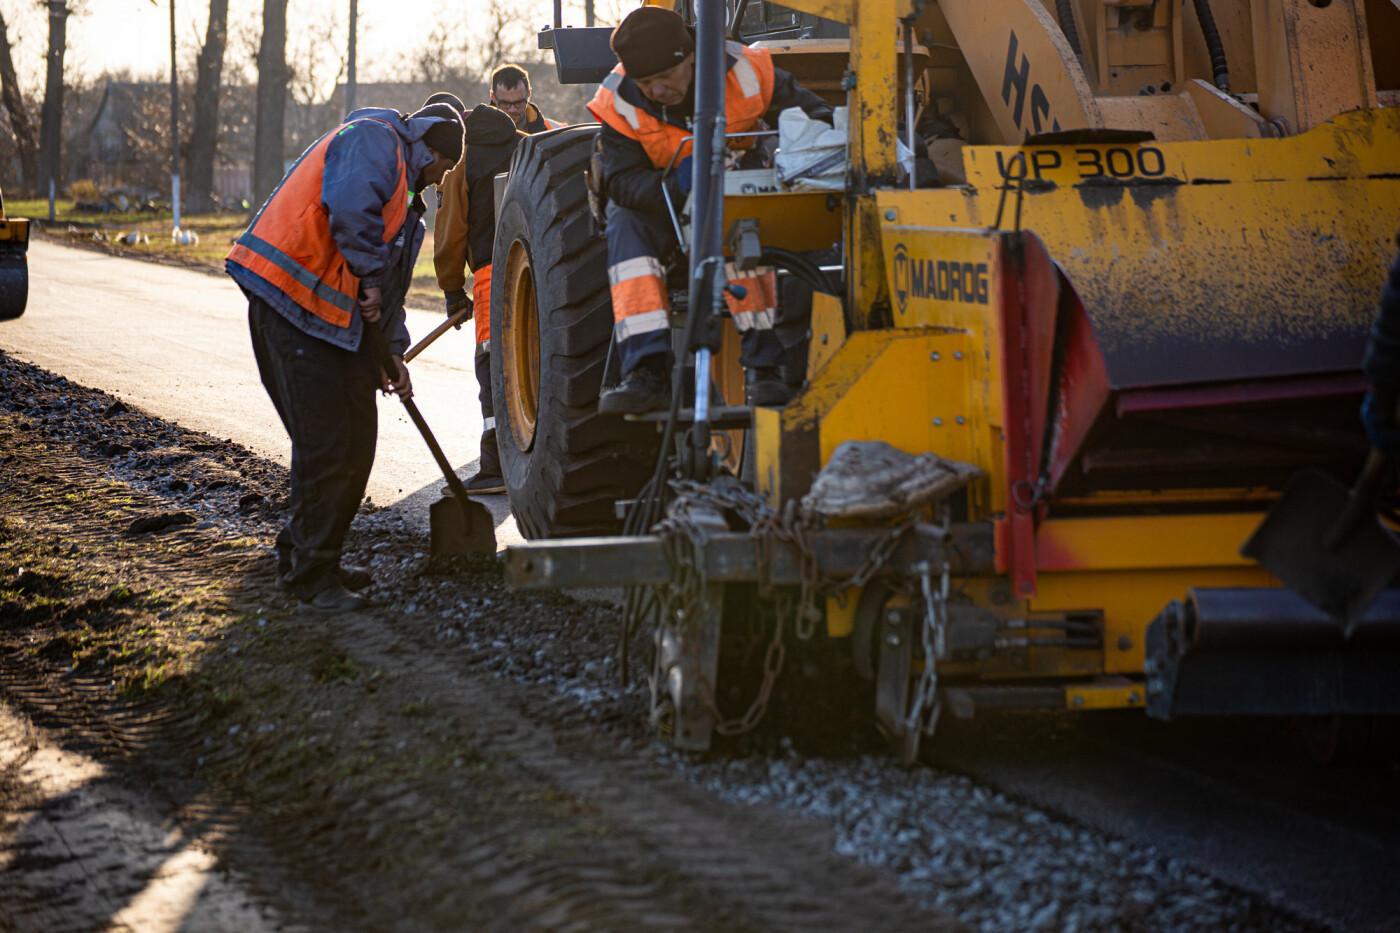 На Днепропетровщине продолжают ремонт дорог местного значения, - ФОТО, фото-2